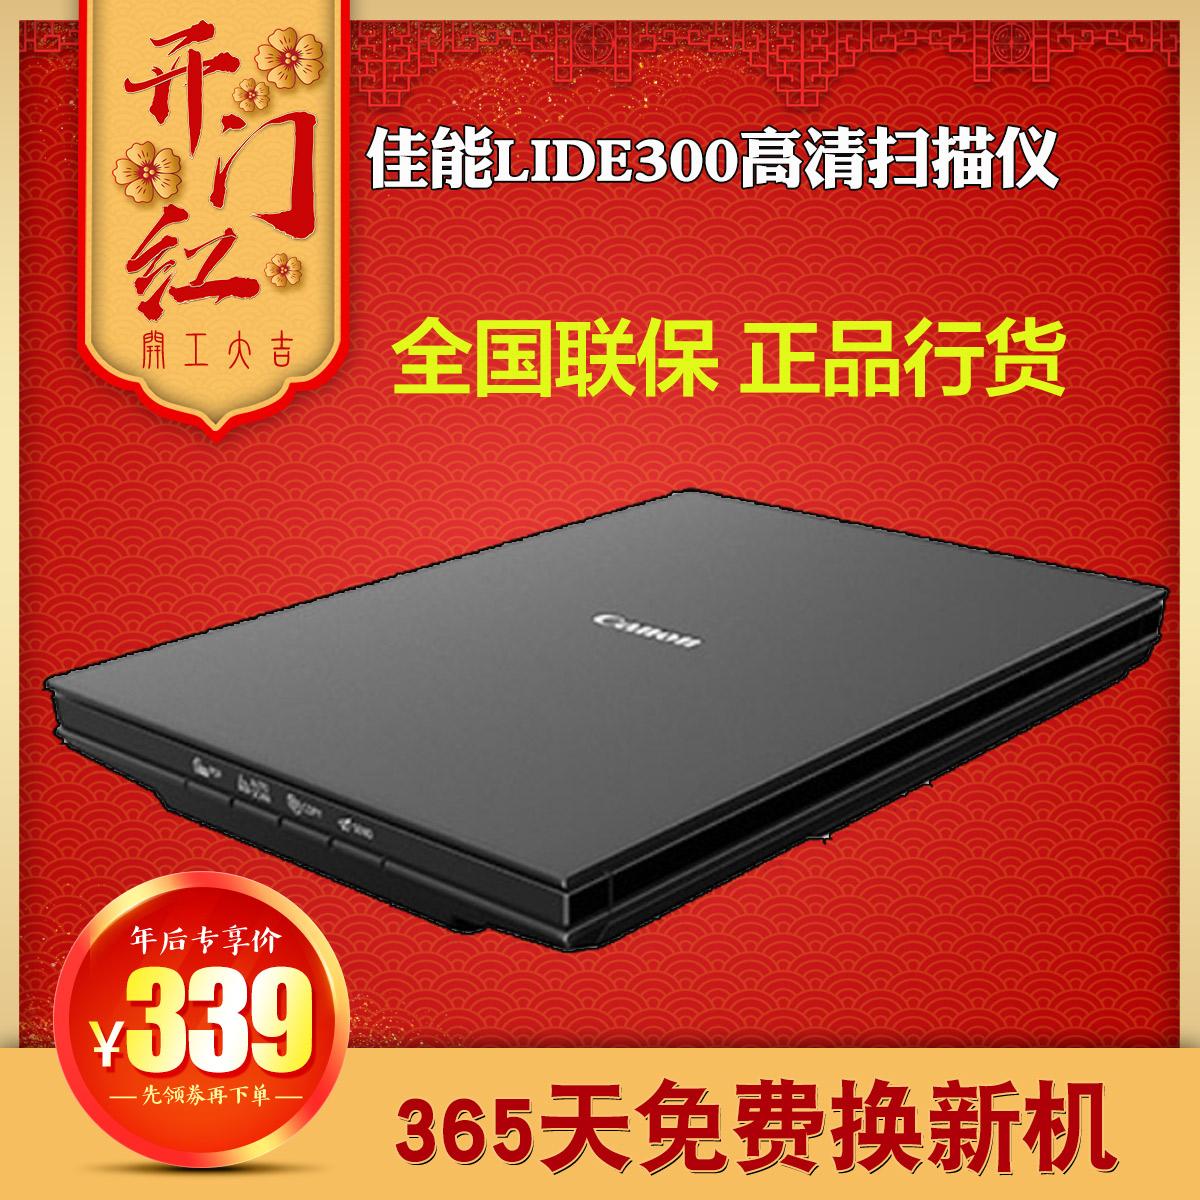 佳能LIDE300时尚超薄扫描仪高清高速...